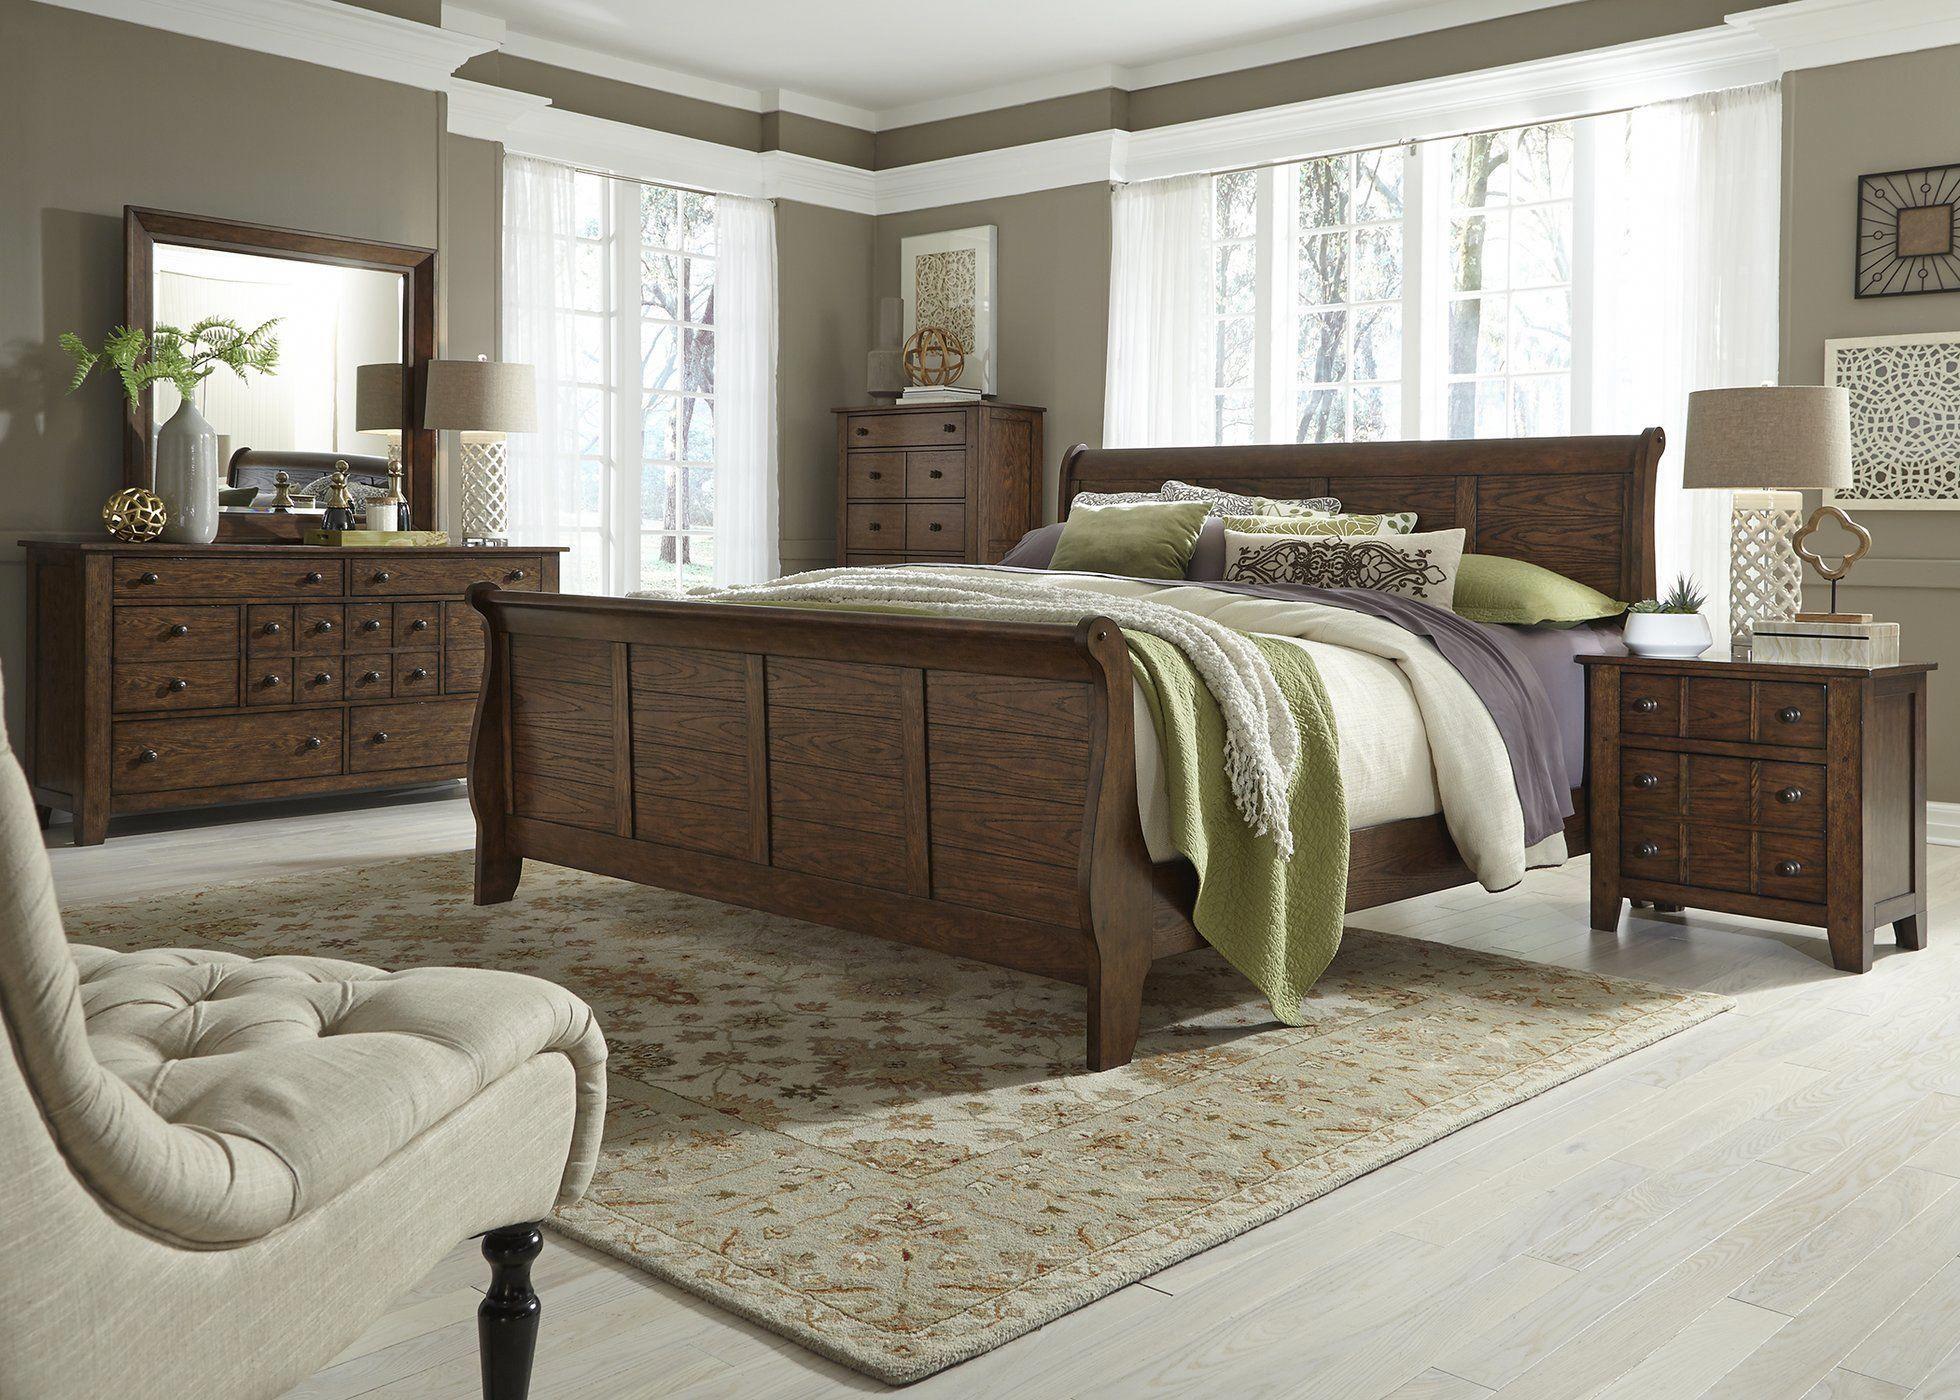 Bedroom Sets Queen Comforter For Women Bedroom Sets Queen Furniture ...